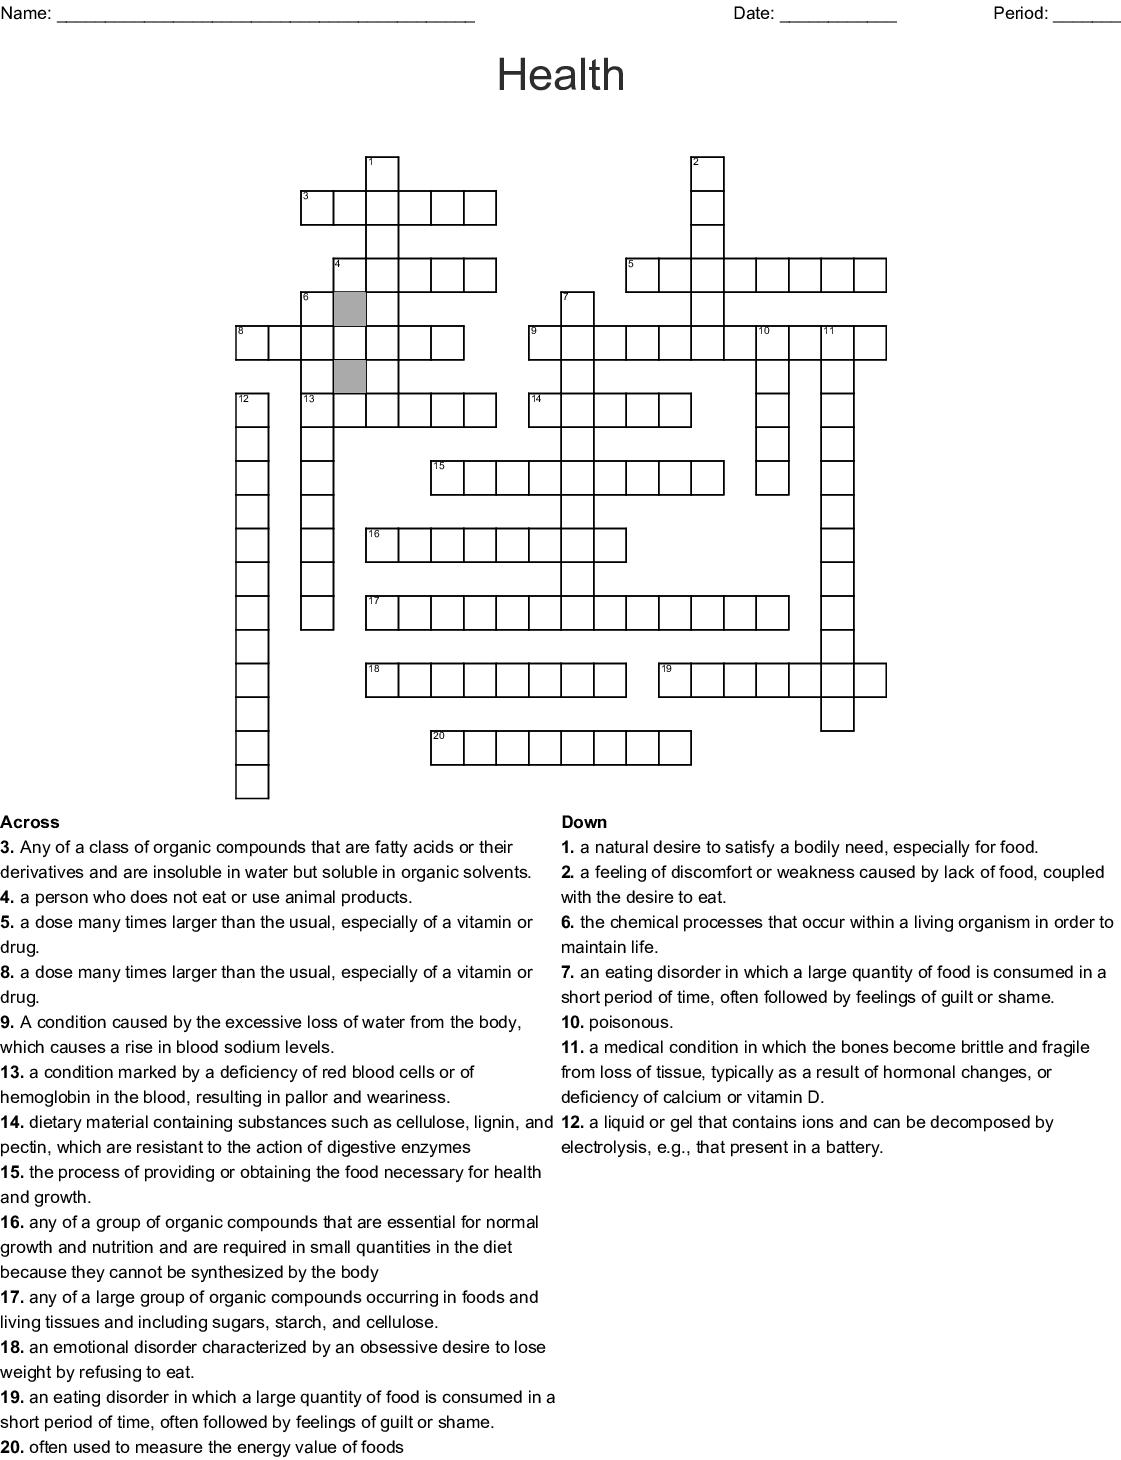 Health Crossword